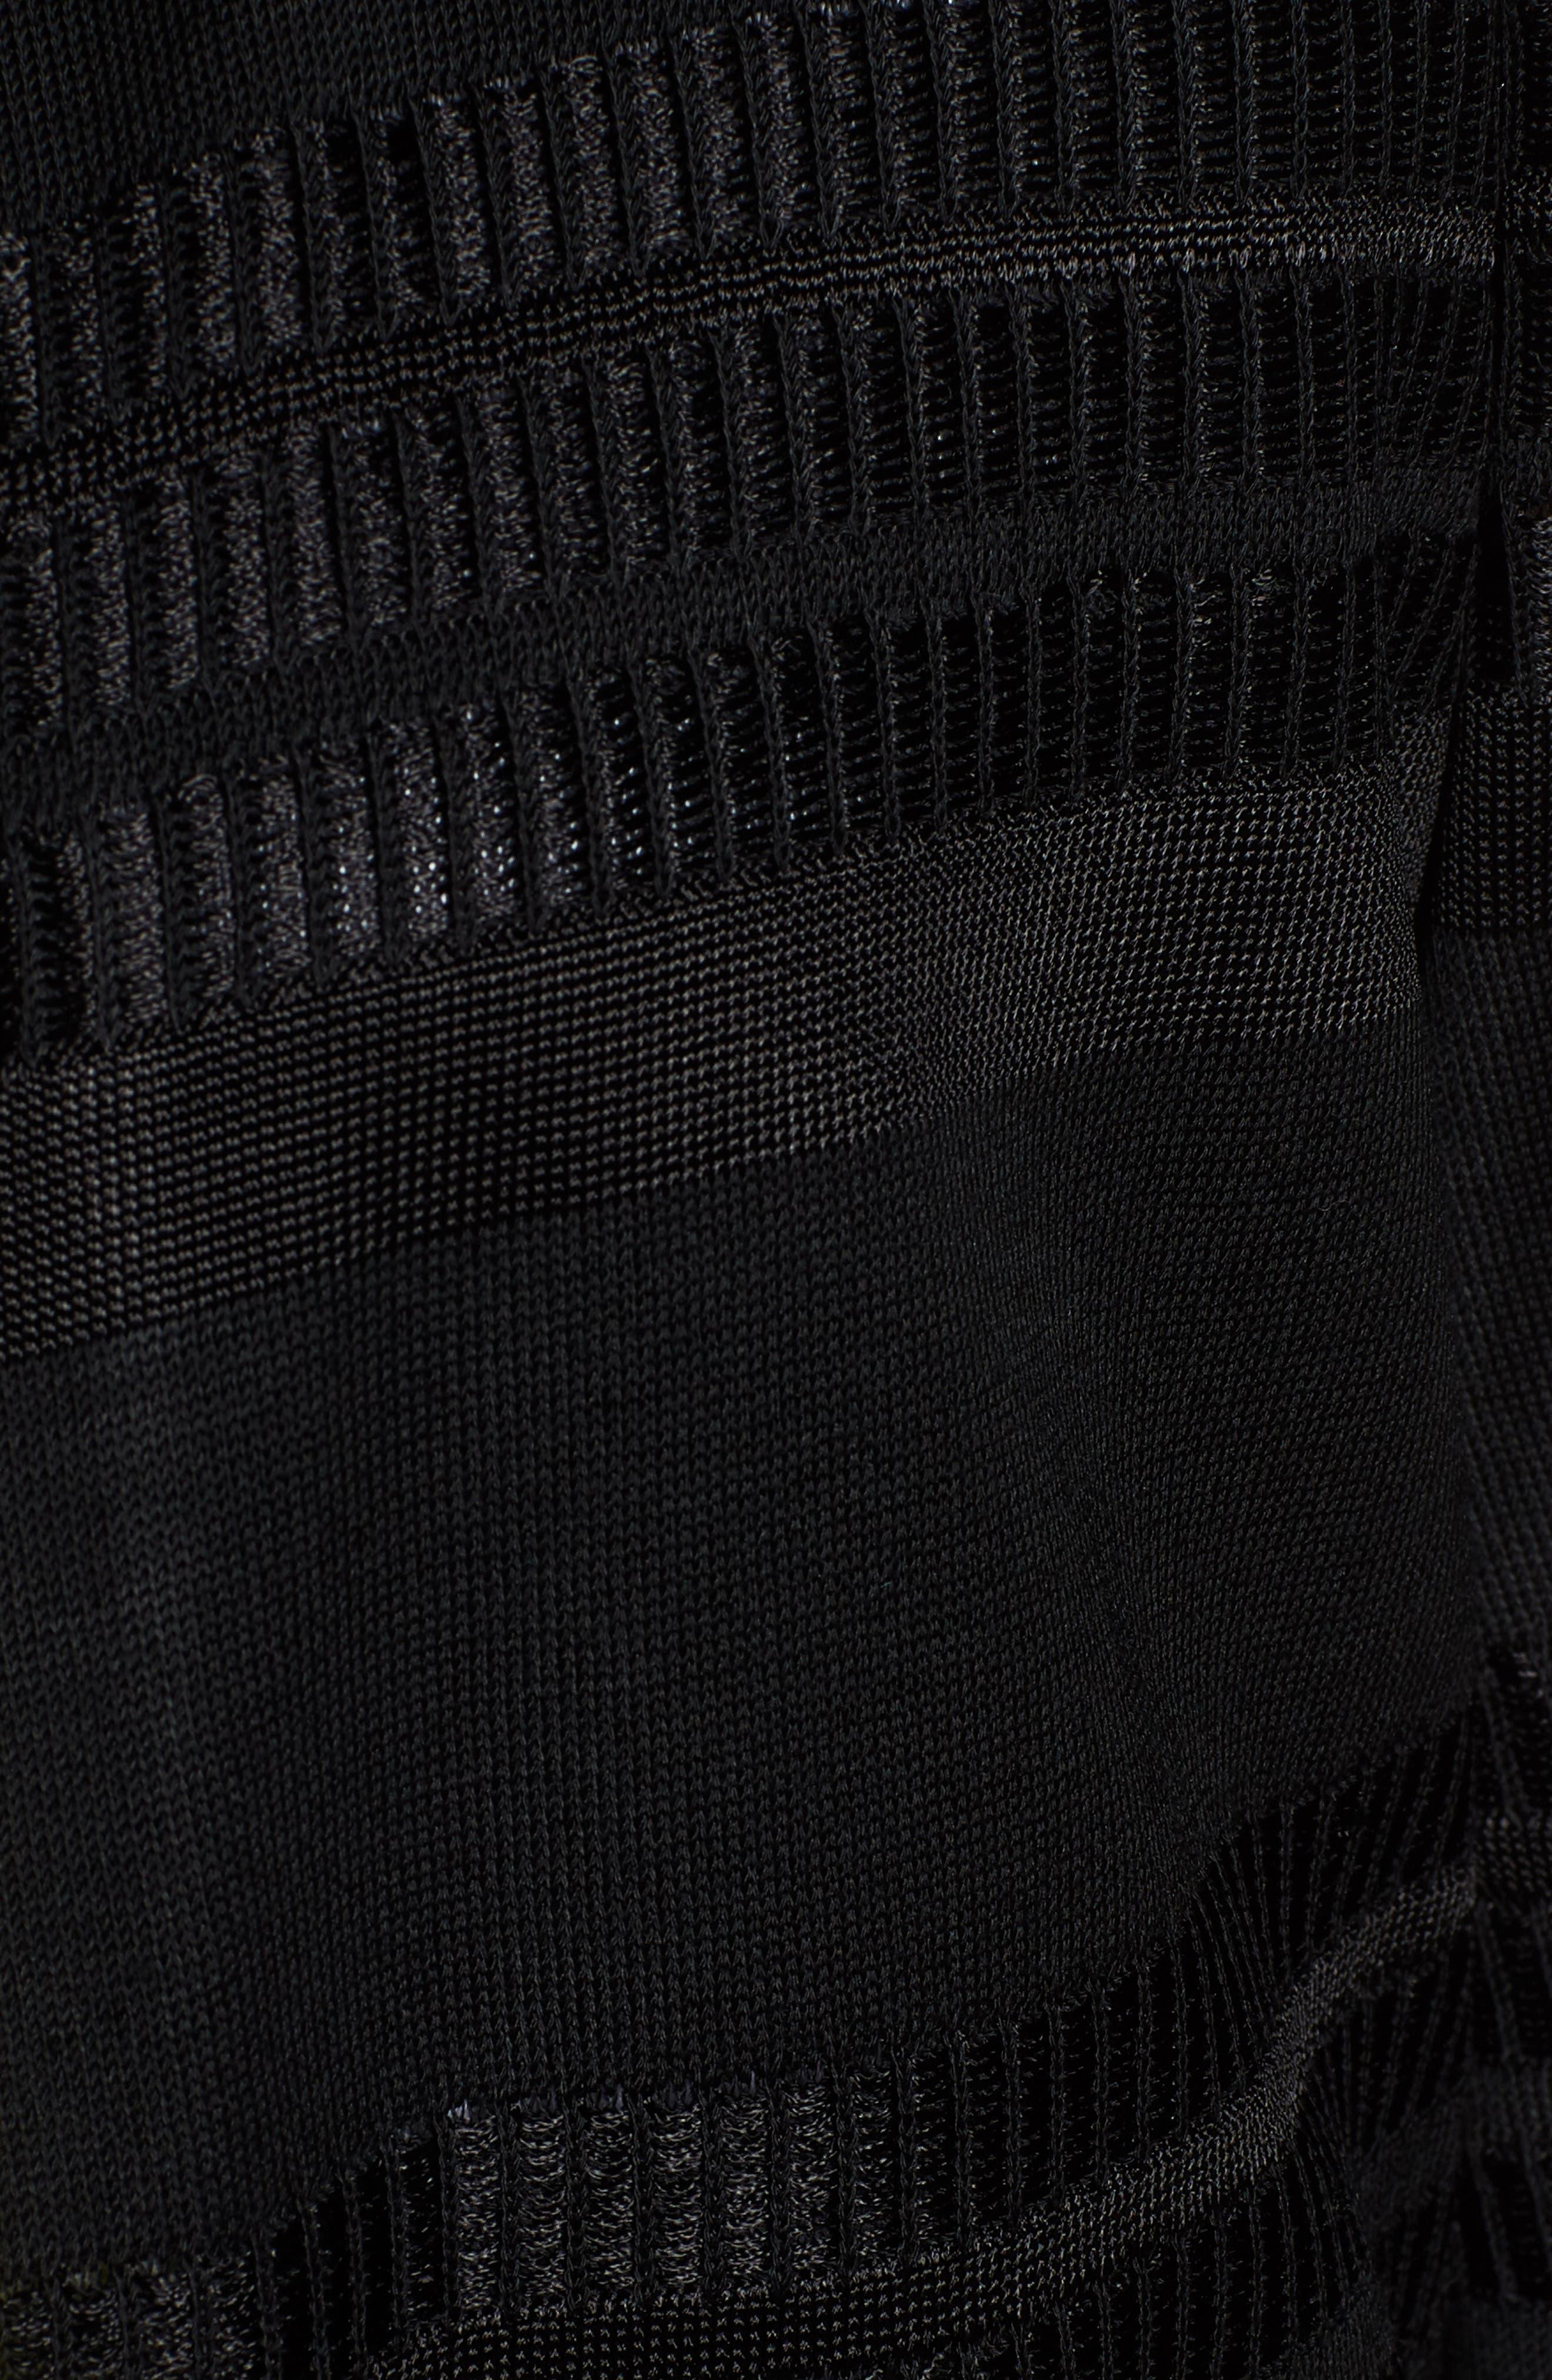 Long Jacquard Knit Jacket,                             Alternate thumbnail 6, color,                             BLACK/ PEAR/ WHITE